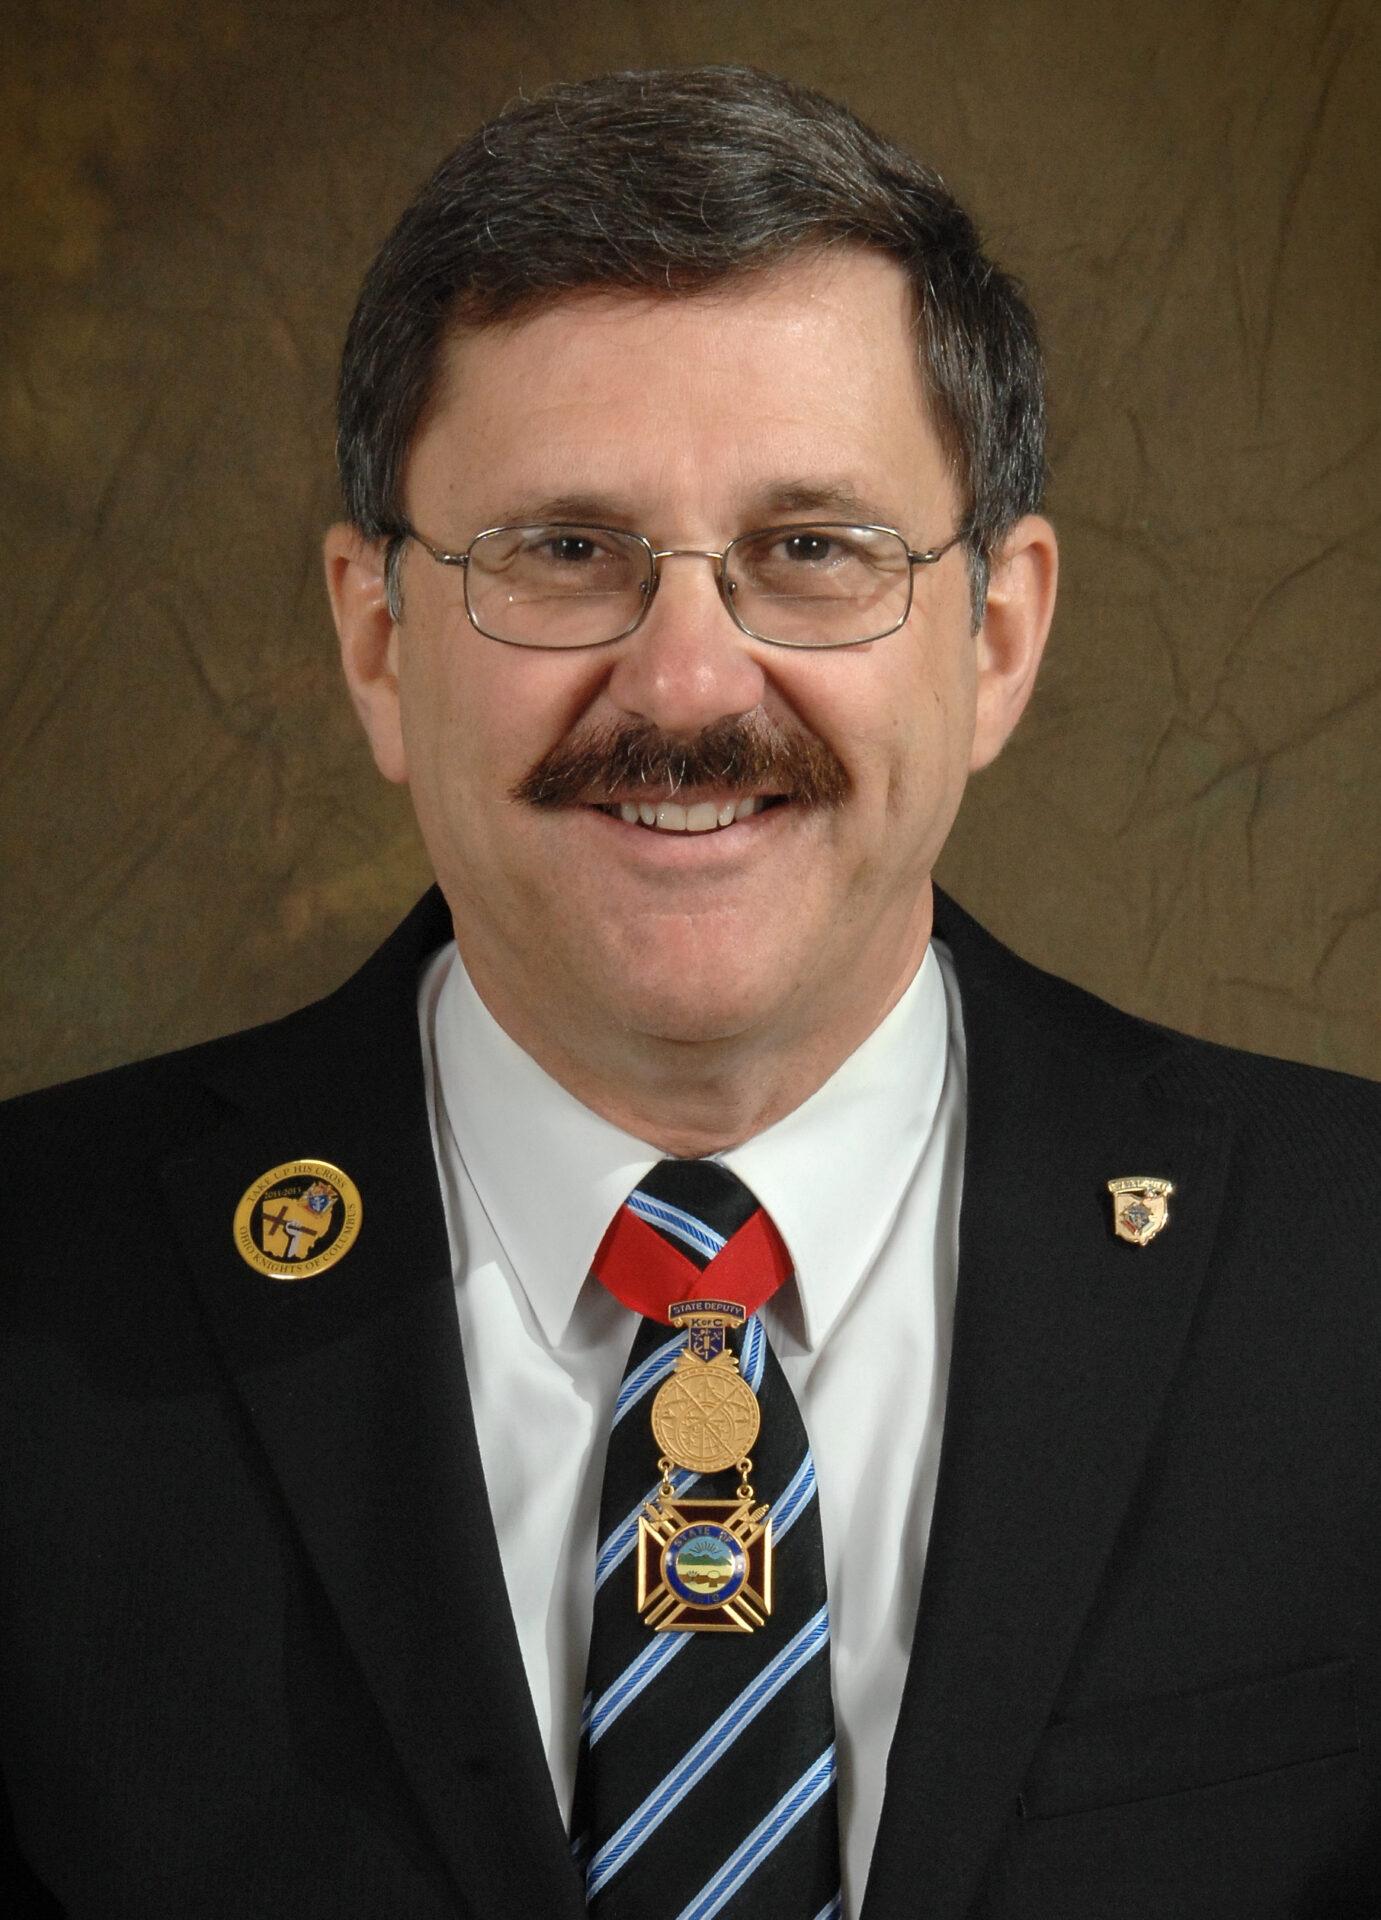 David Helmstetter